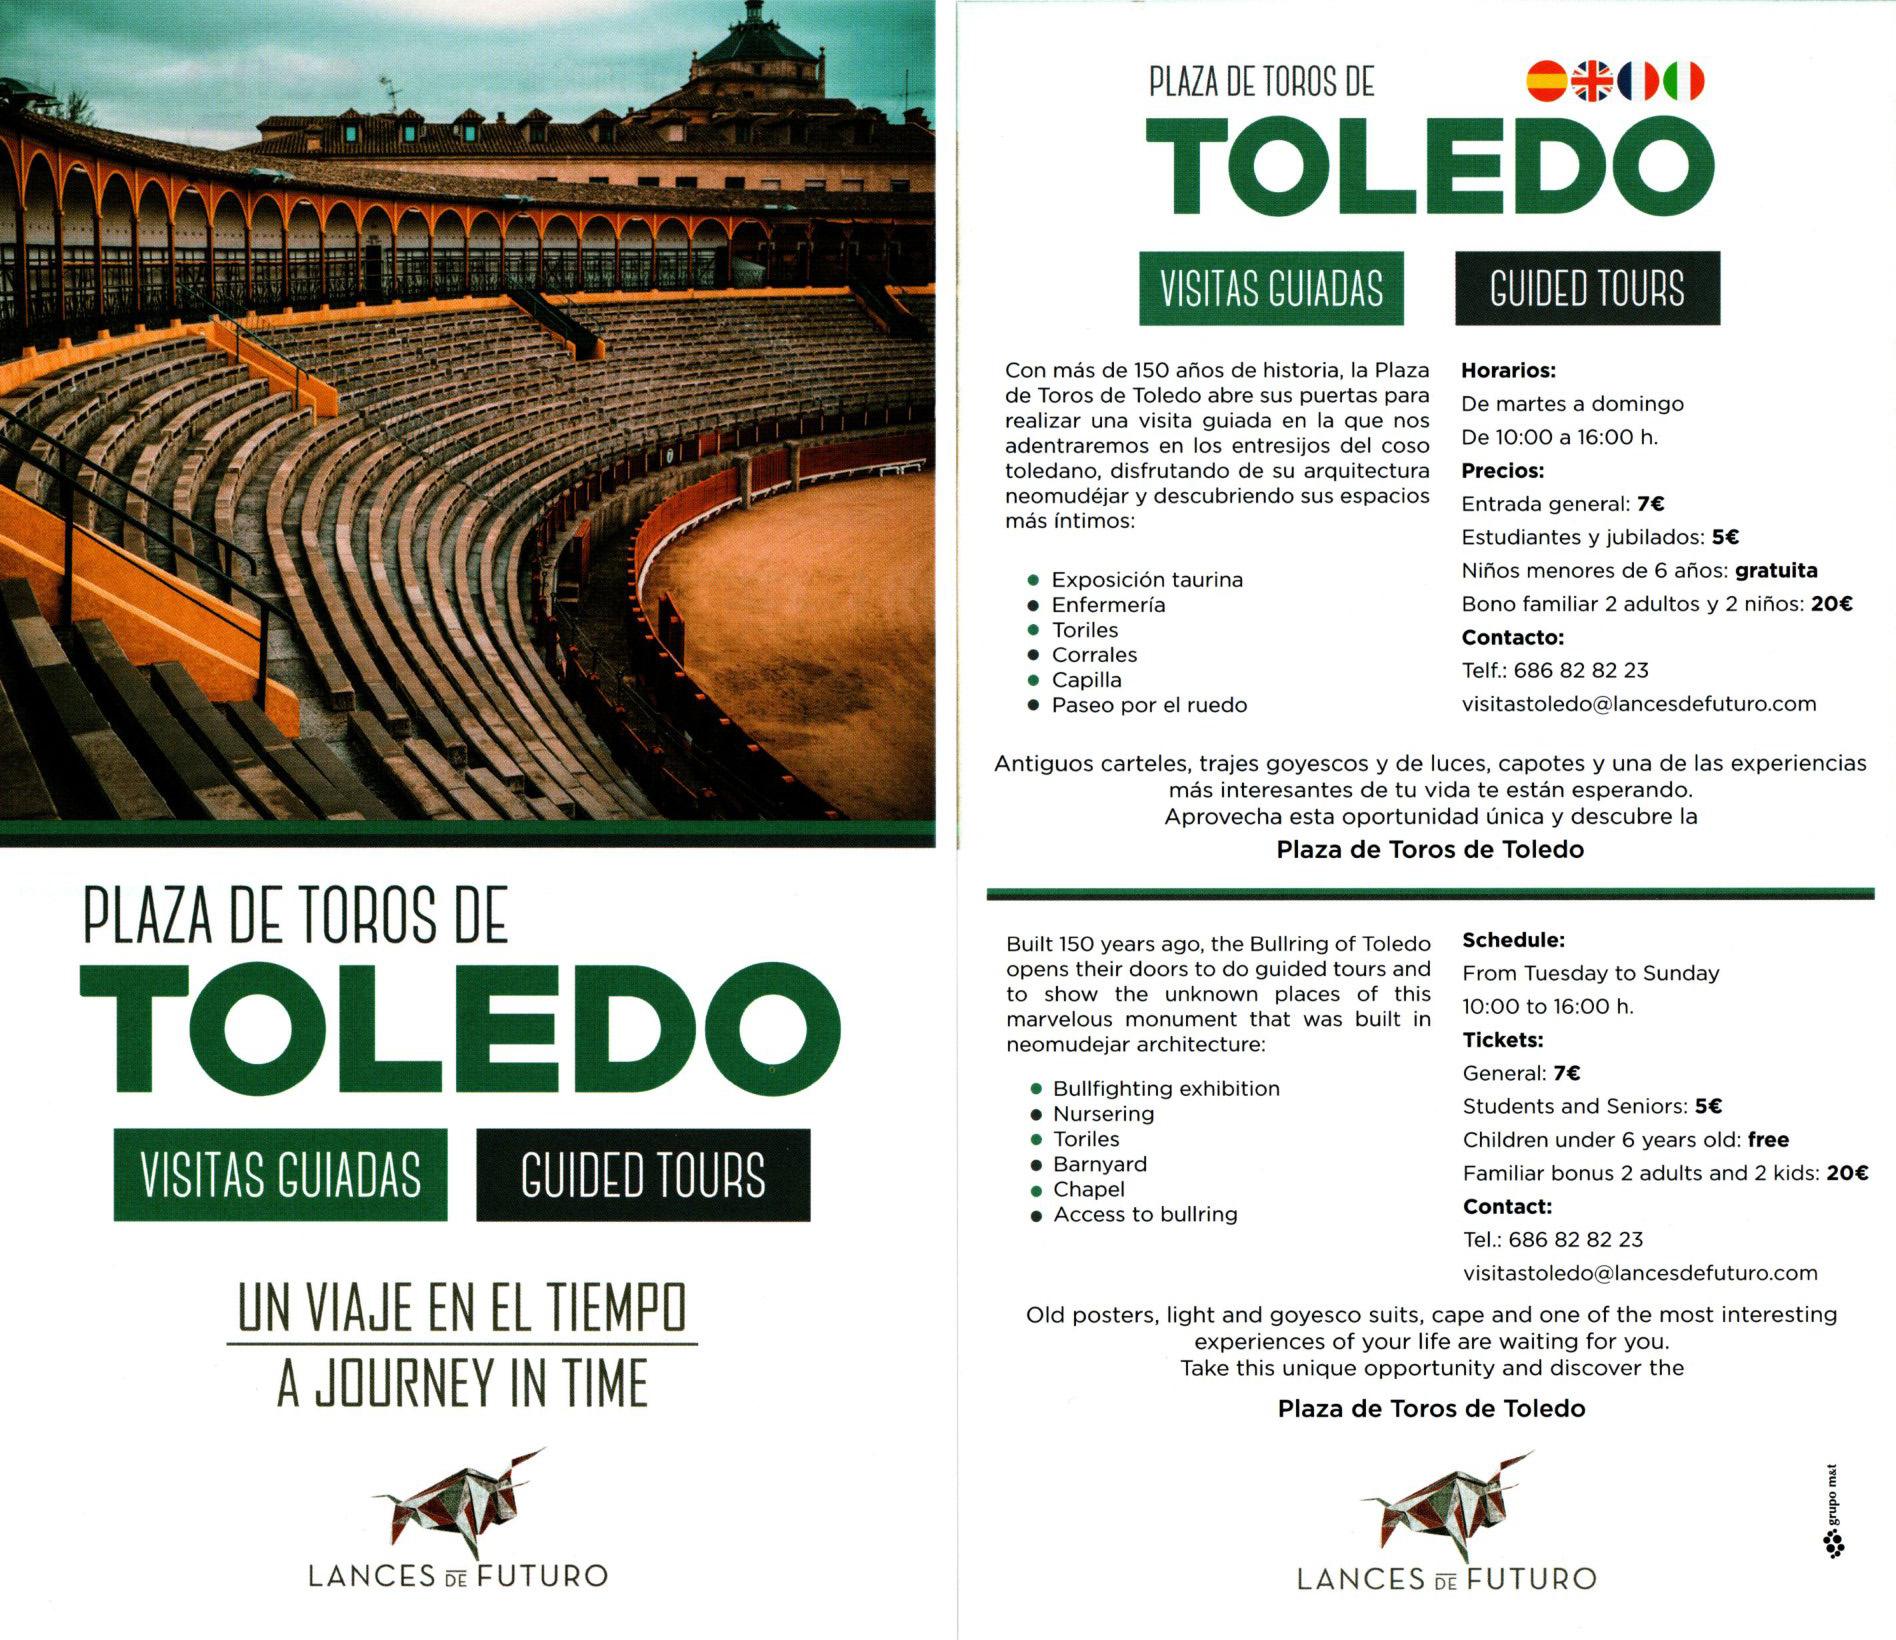 Visitas guiadas a la Plaza de Toros de Toledo